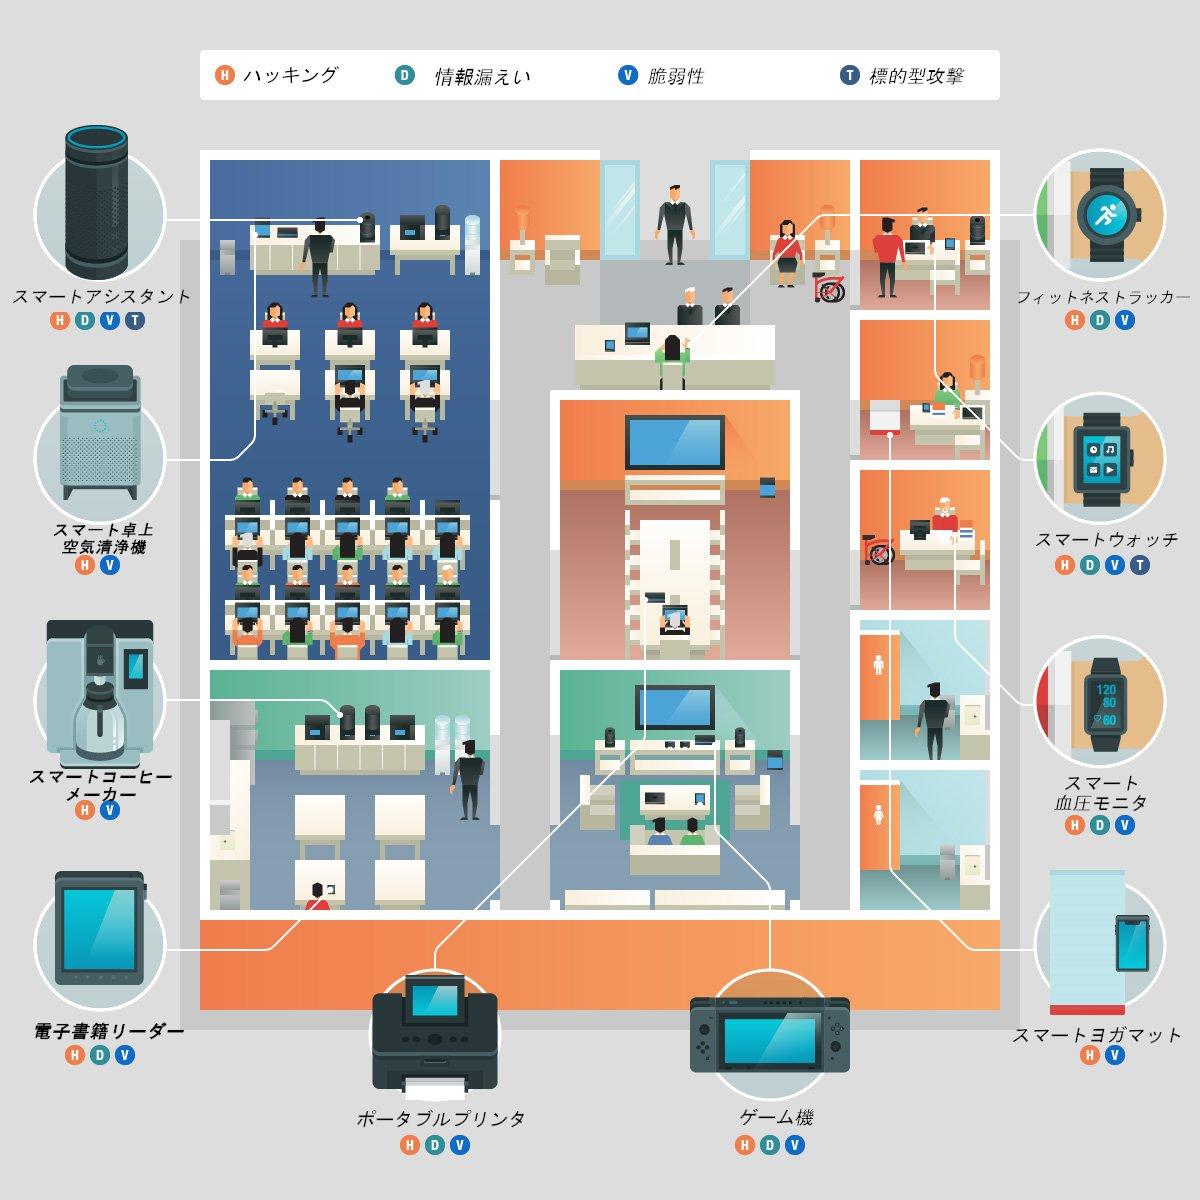 図1:BYOD環境においてIoTデバイスの普及することで生じるリスクと脅威